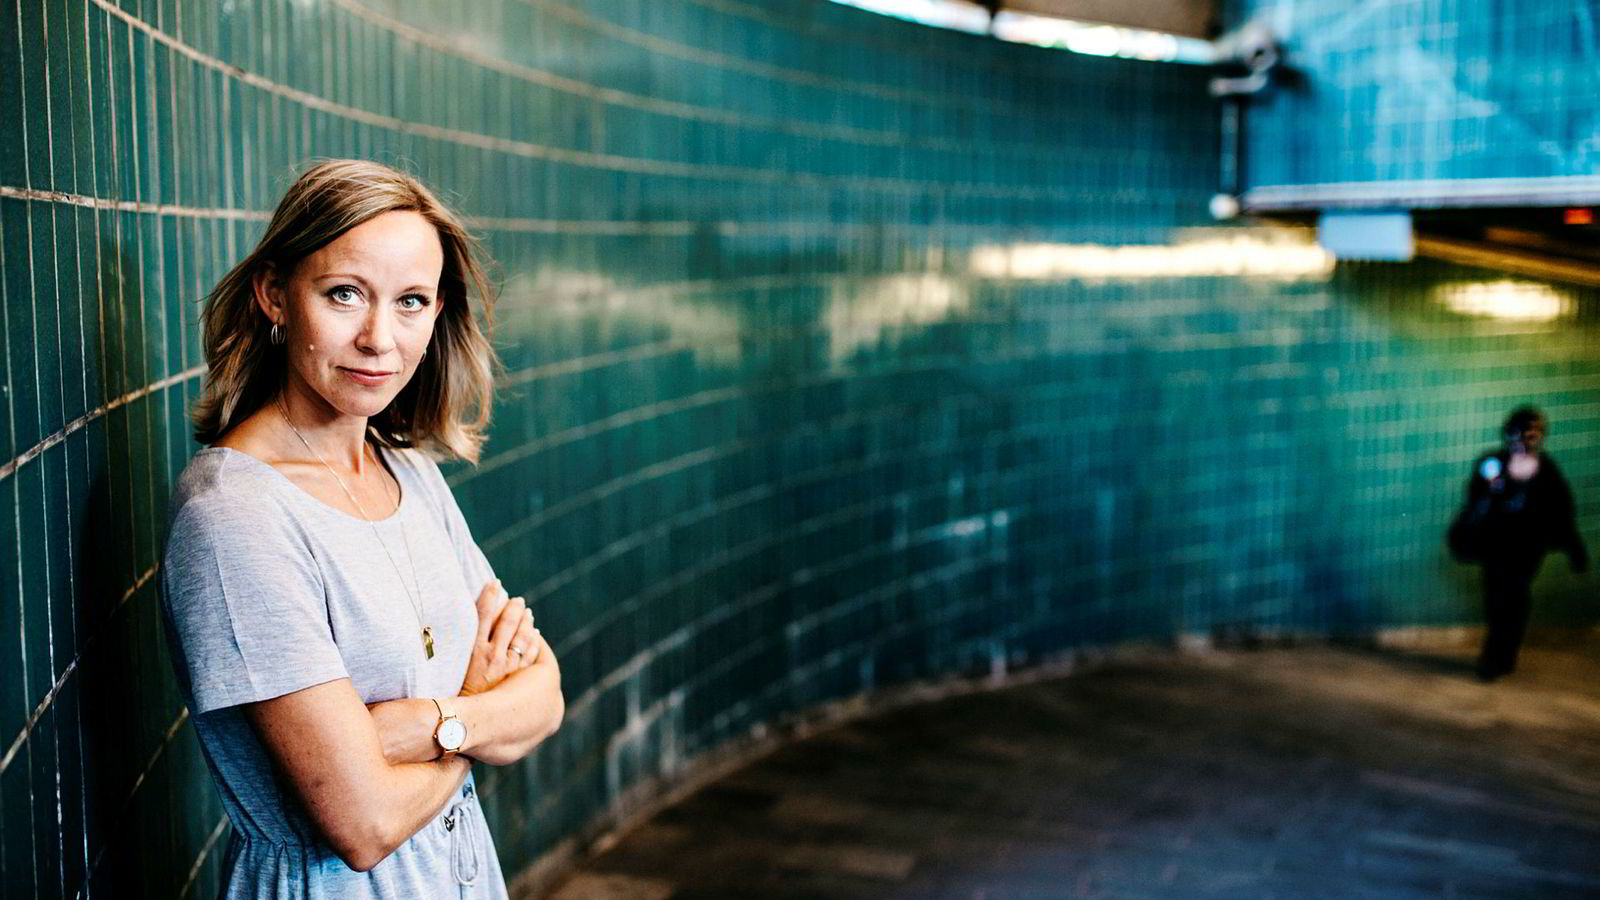 Christina Thomassen i Musikernes fellesorganisasjon (Mfo) krever grundige svar fra Tidal etter DNs avsløringer om manipulasjon av avspillingstall og utbetalinger.